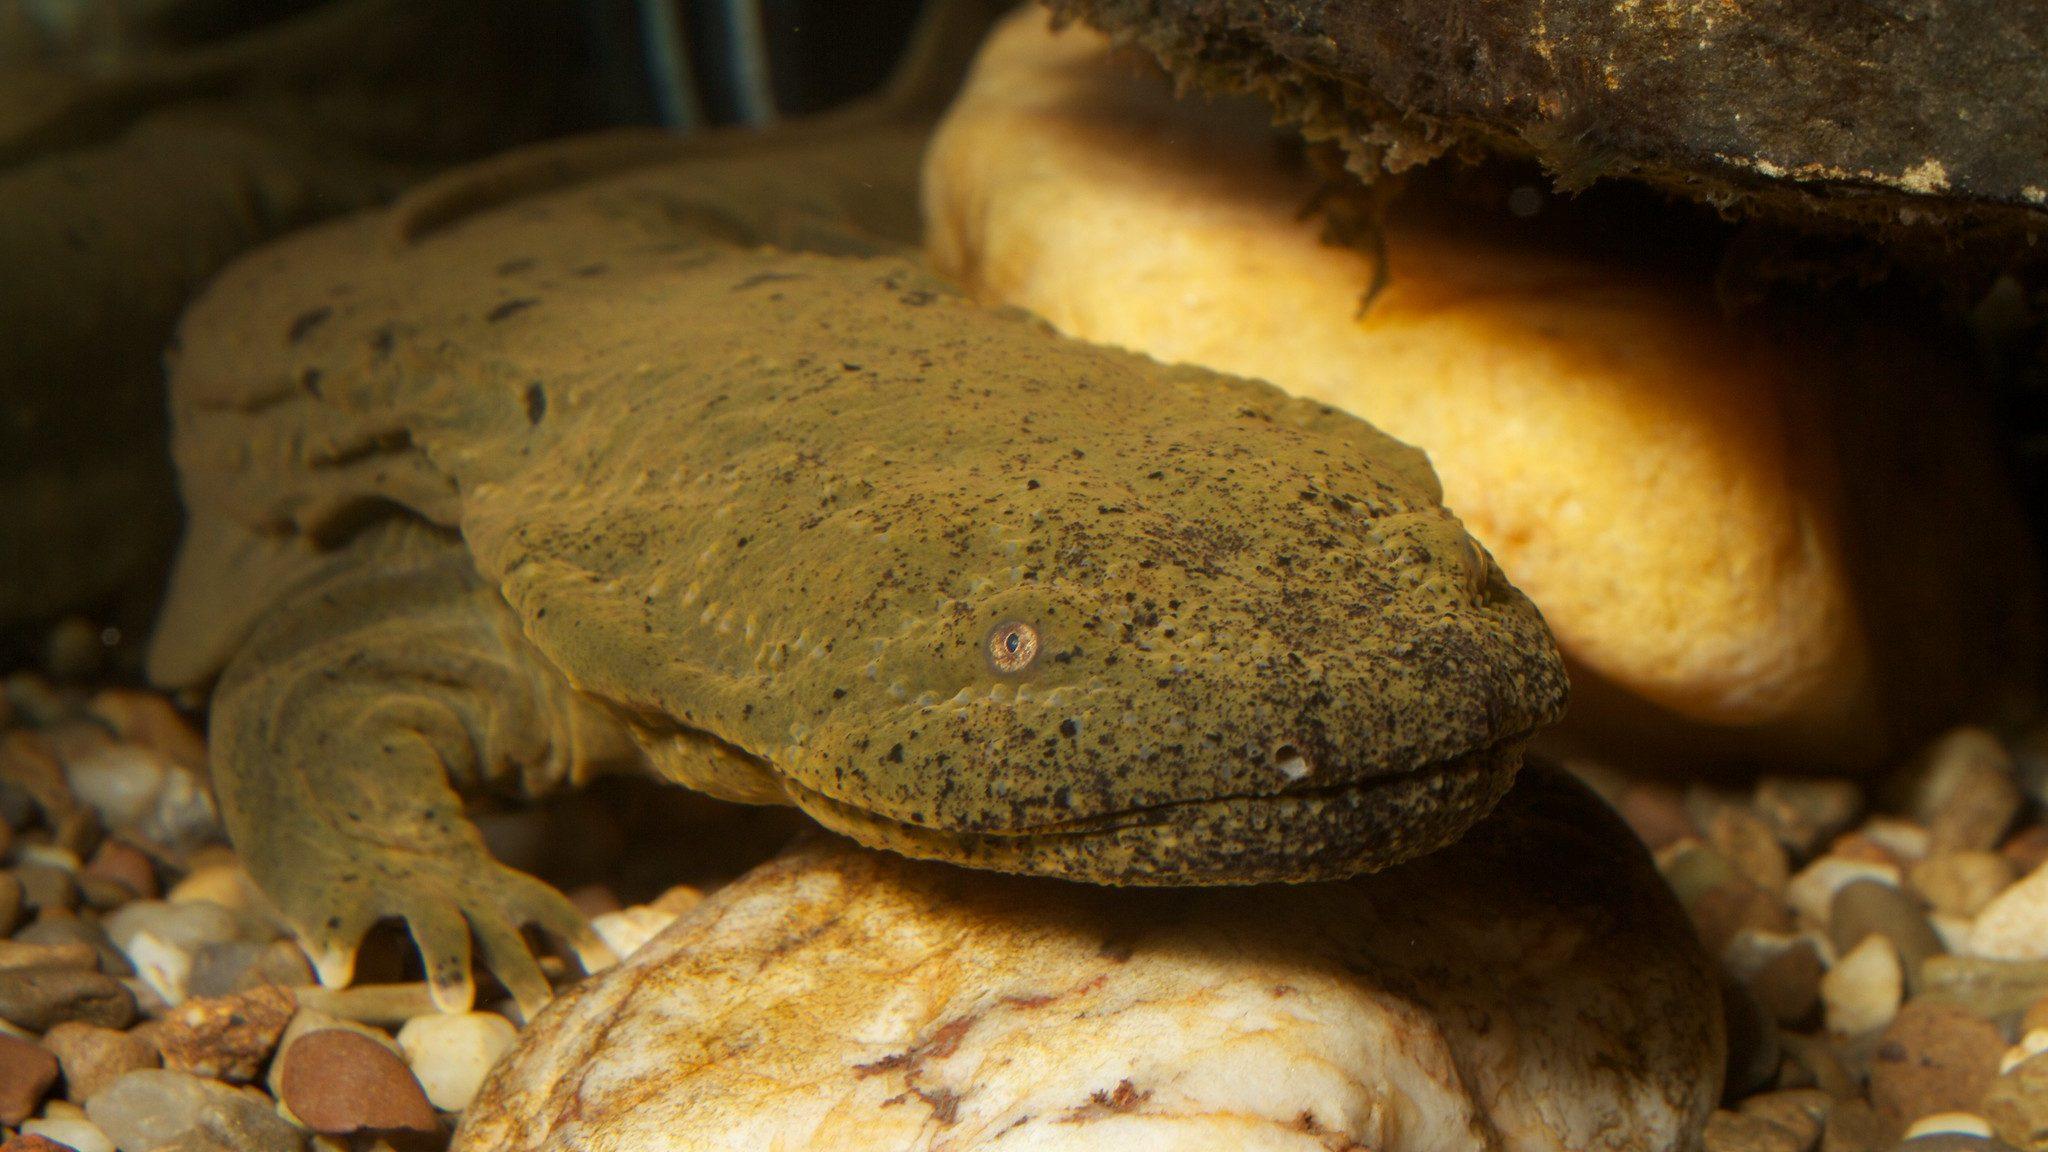 Meet the Hellbender: An Unlikely Hero Saving Salamanders